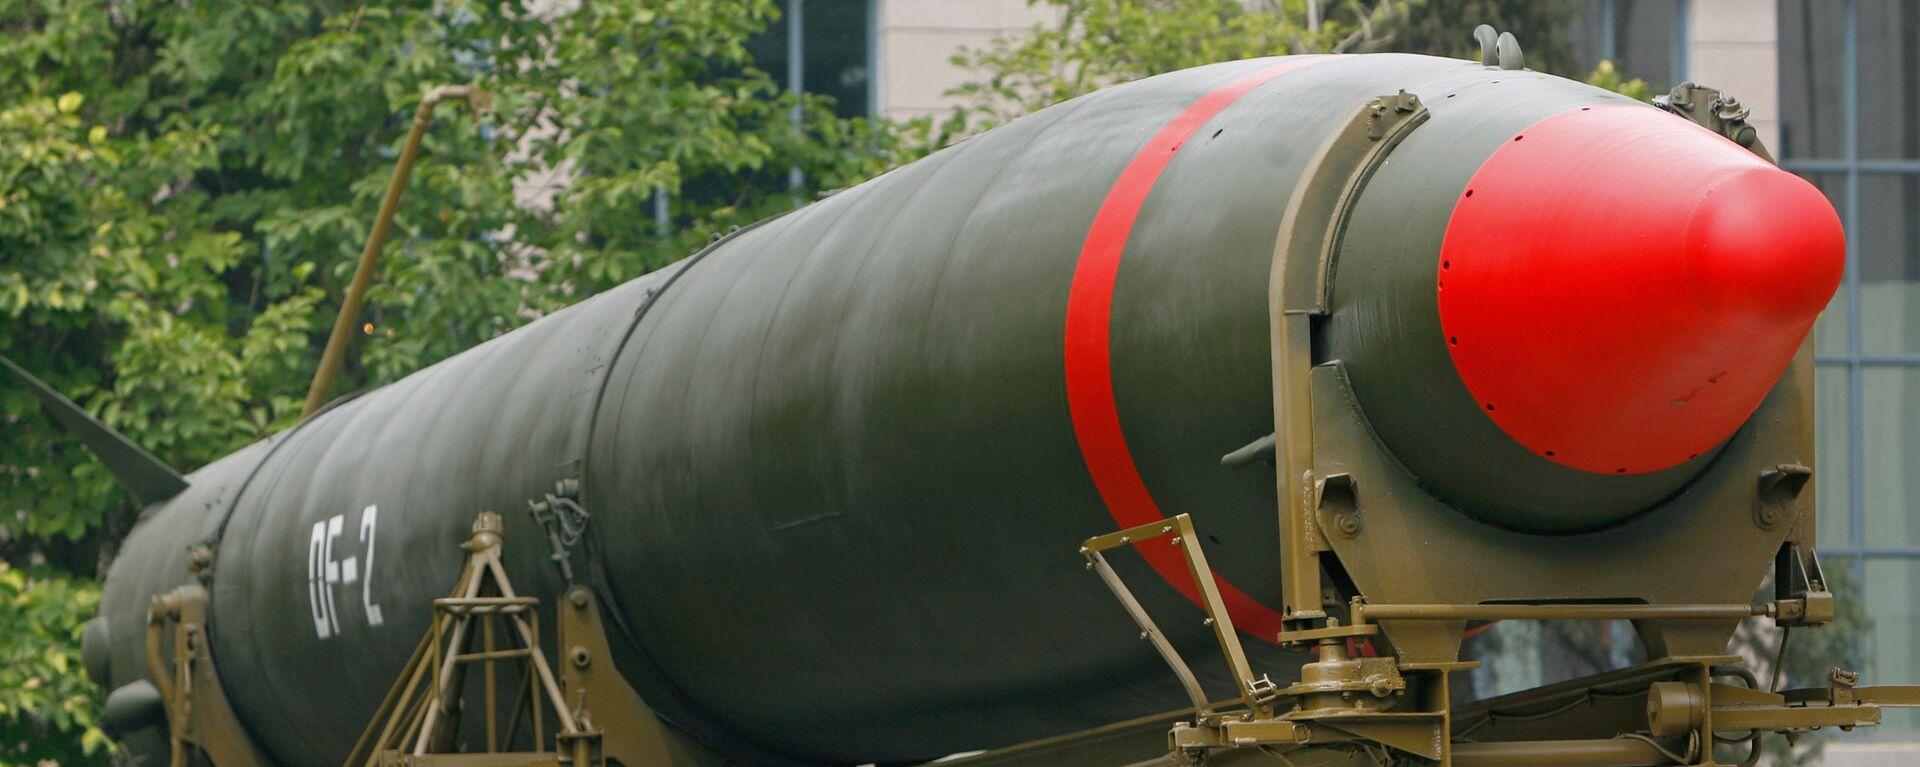 Tên lửa hạt nhân của Trung Quốc tại Bảo tàng Bắc Kinh - Sputnik Việt Nam, 1920, 25.09.2021